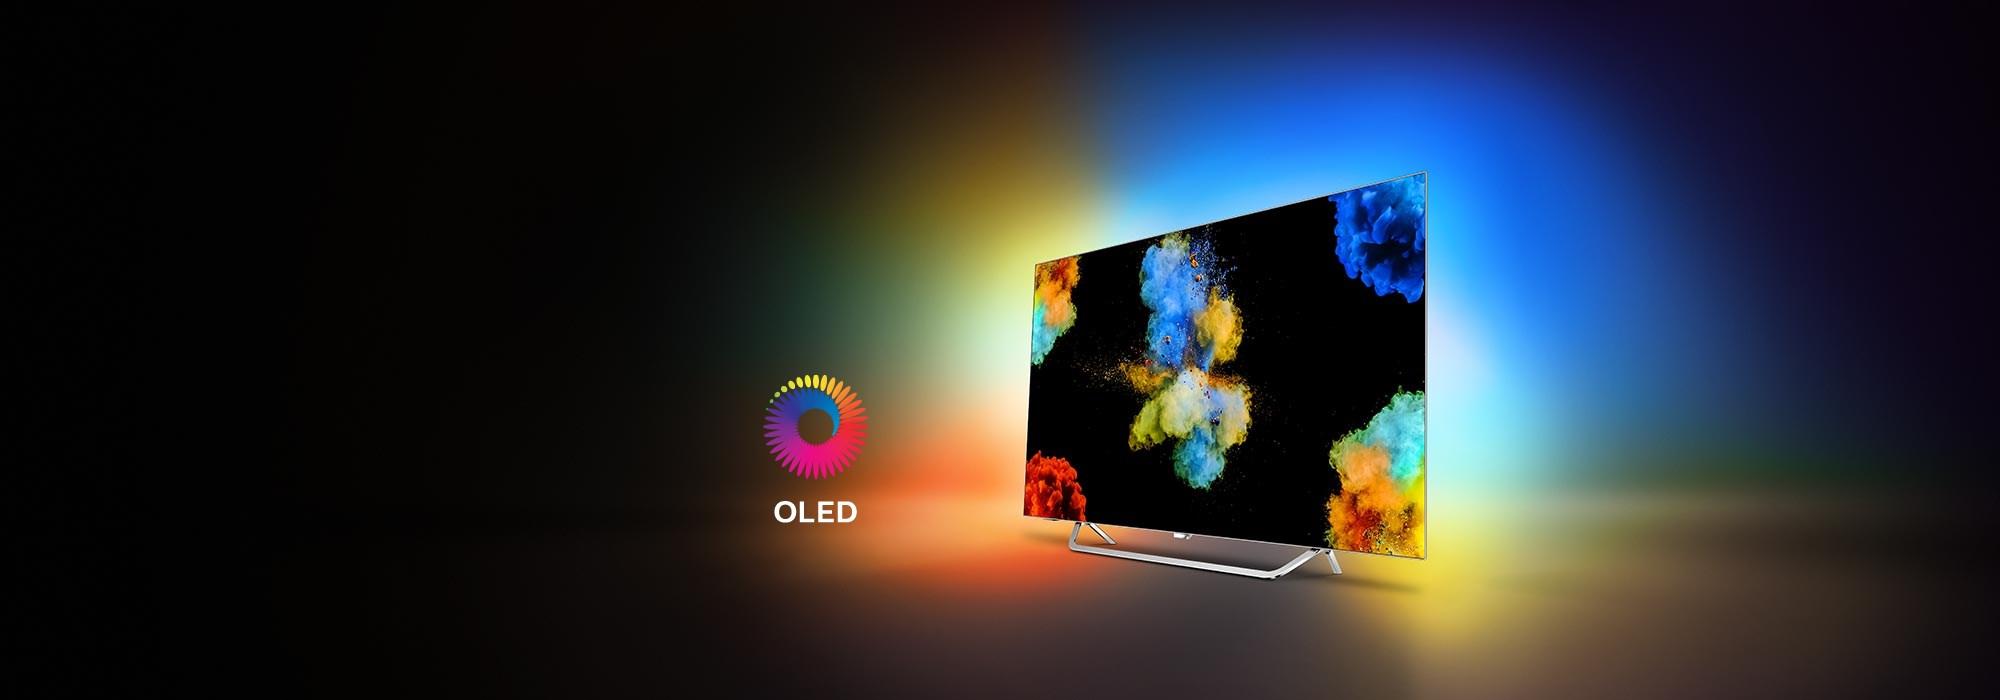 Philips POS9002 TEST najnowszego OLED 2017 z Ambilight i Android TV!